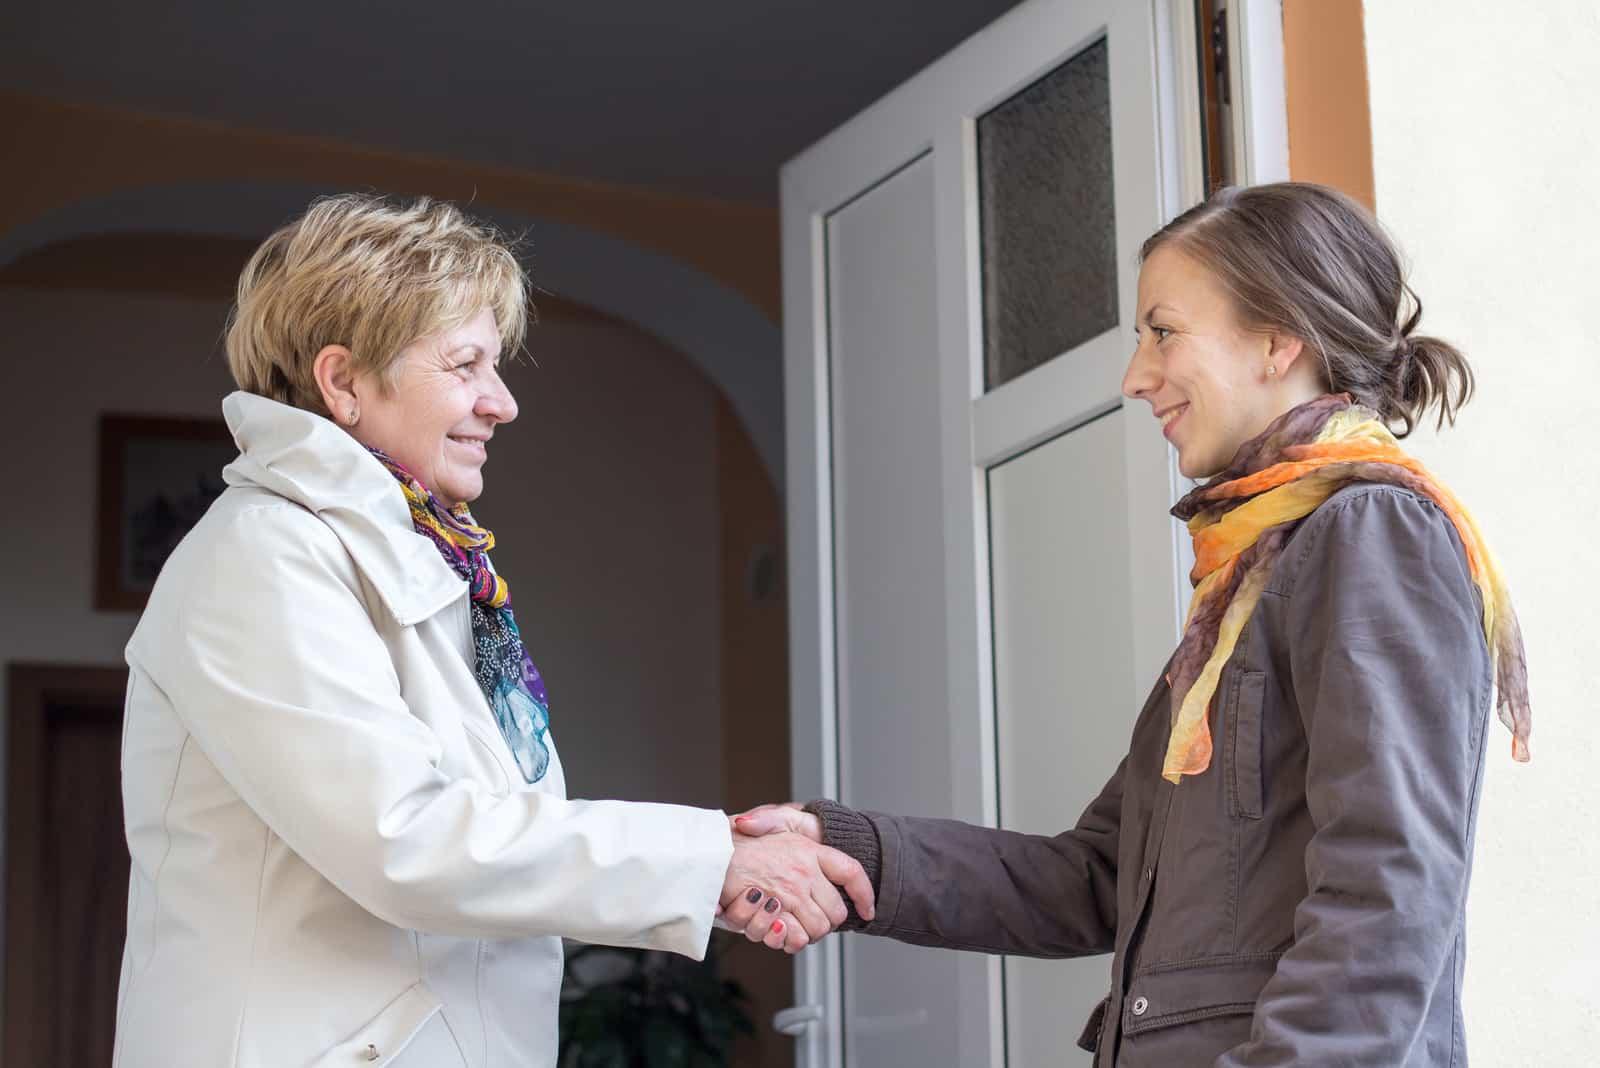 une femme souriante accueille ses voisins